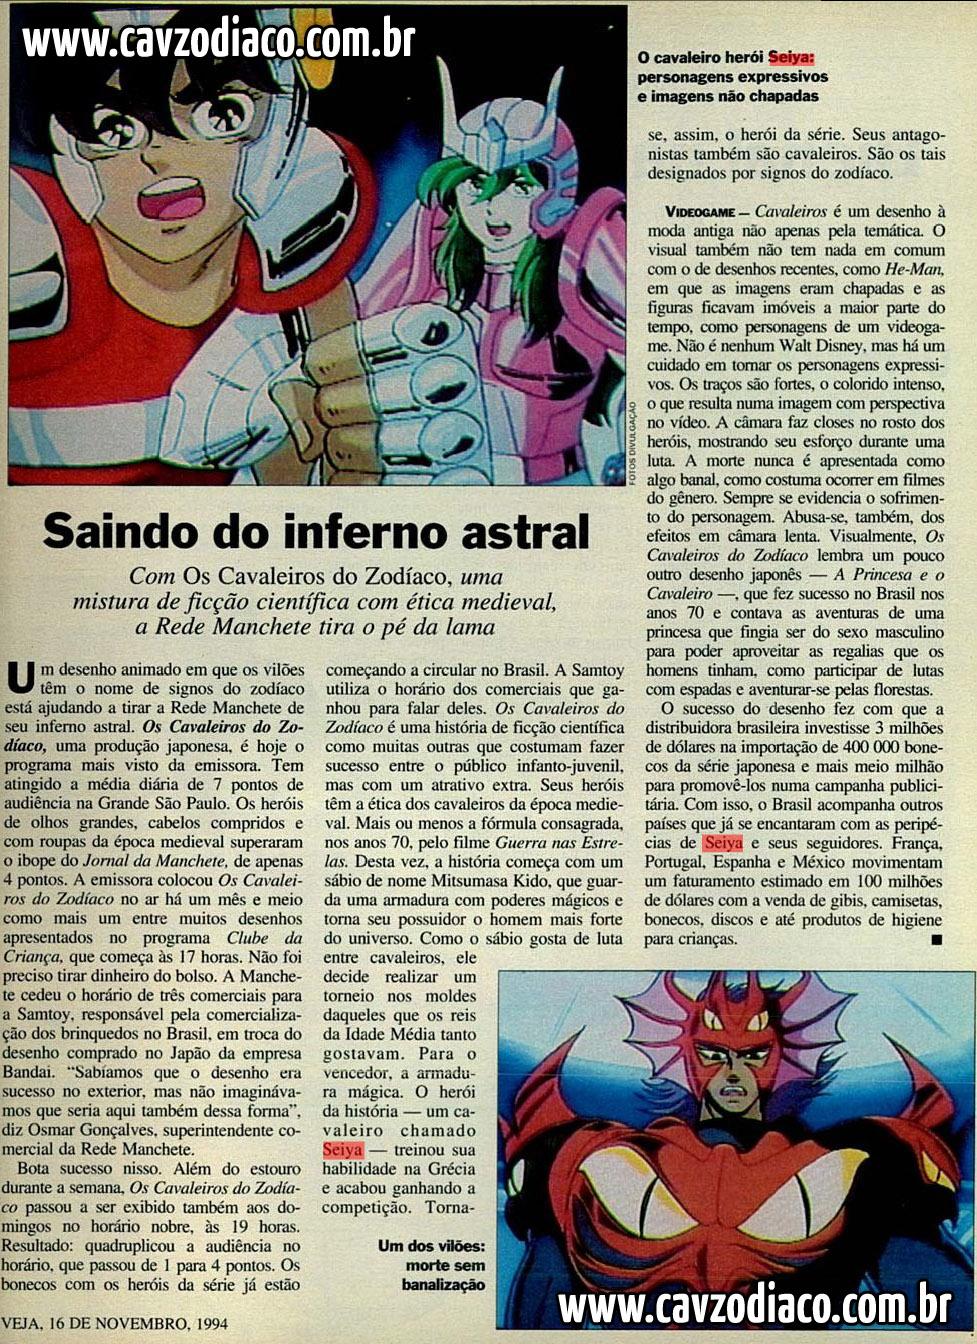 Matéria da veja sobre o sucesso de cavaleiros do zodíaco na rede manchete Foto2